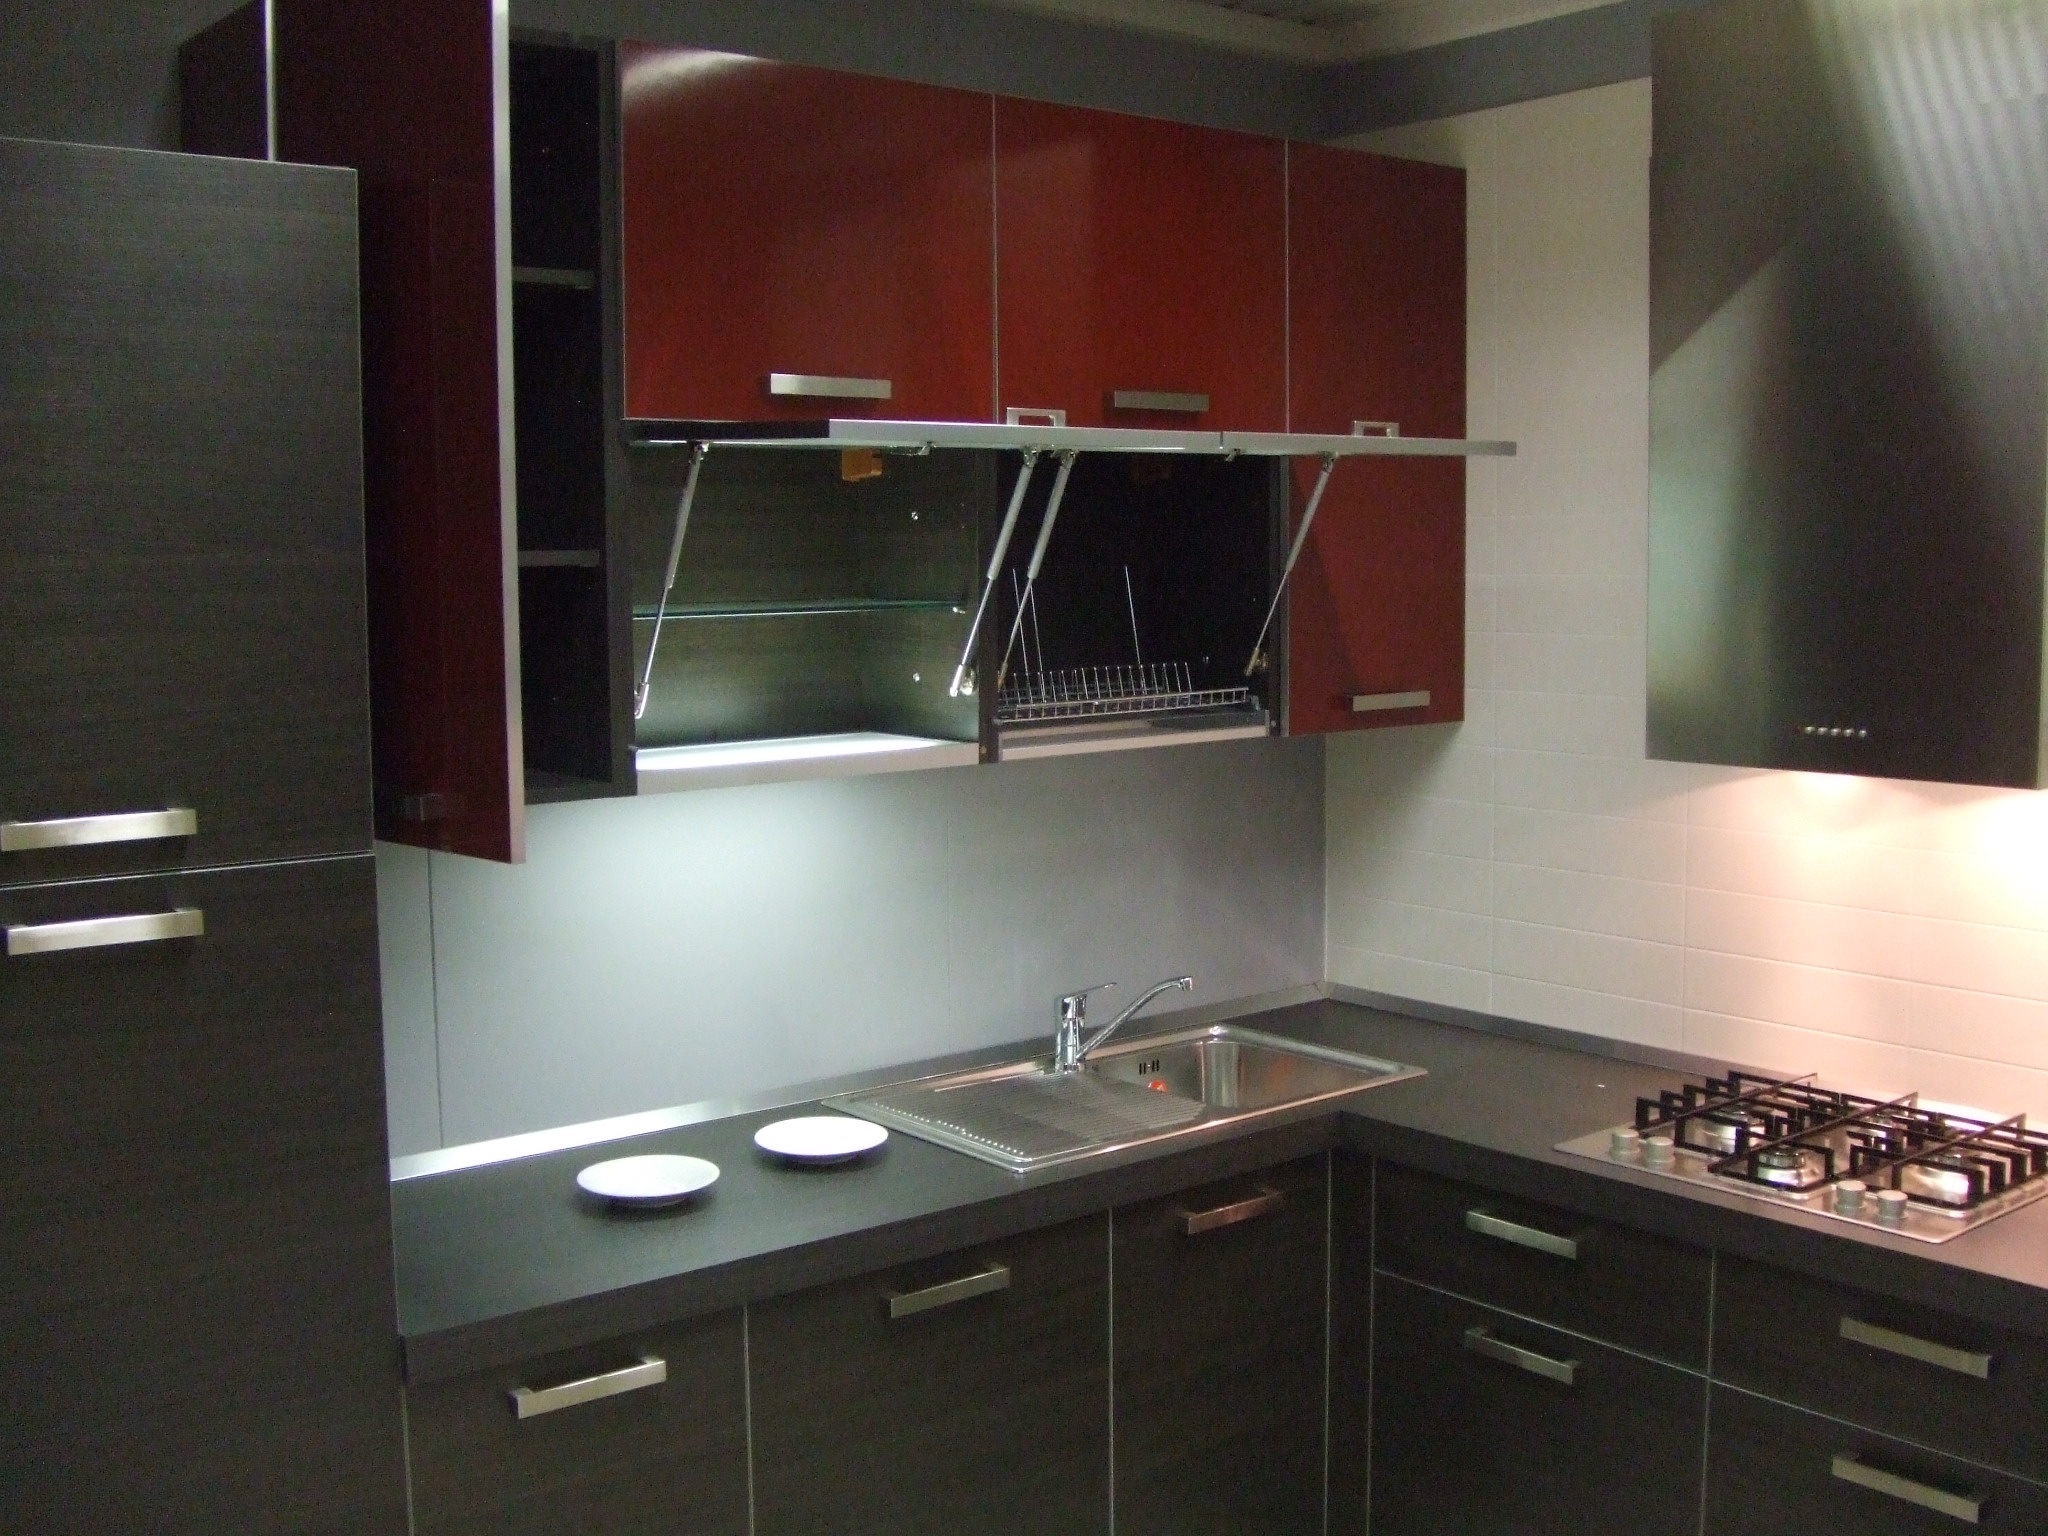 Best cucine aurora prezzi contemporary ideas design - Aurora cucine outlet ...